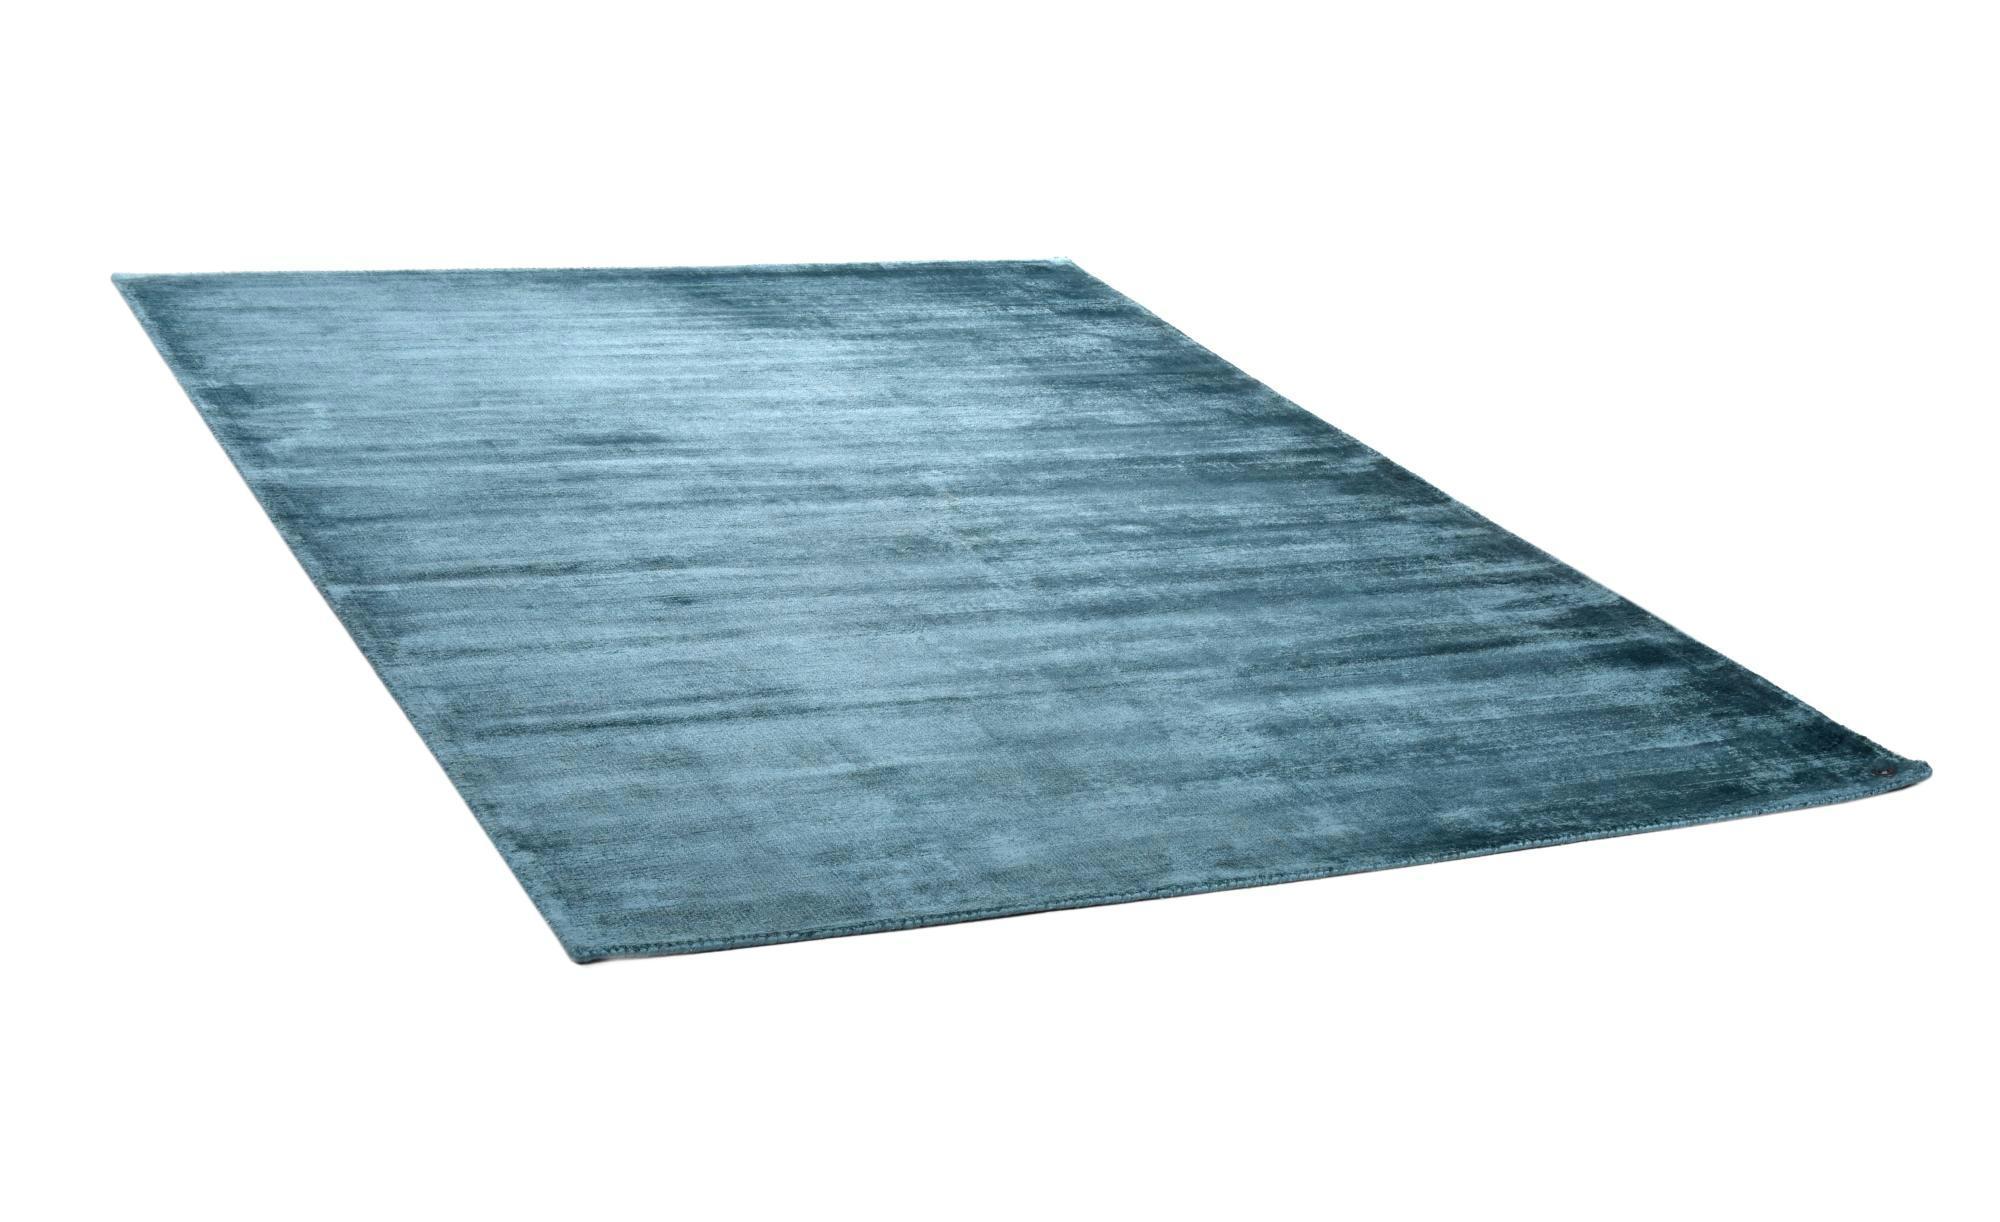 Tom Tailor Teppich handgewebt  Shine ¦ blau ¦ reine Viskose ¦ Maße (cm): B: 65 Teppiche > Wohnteppiche - Höffner